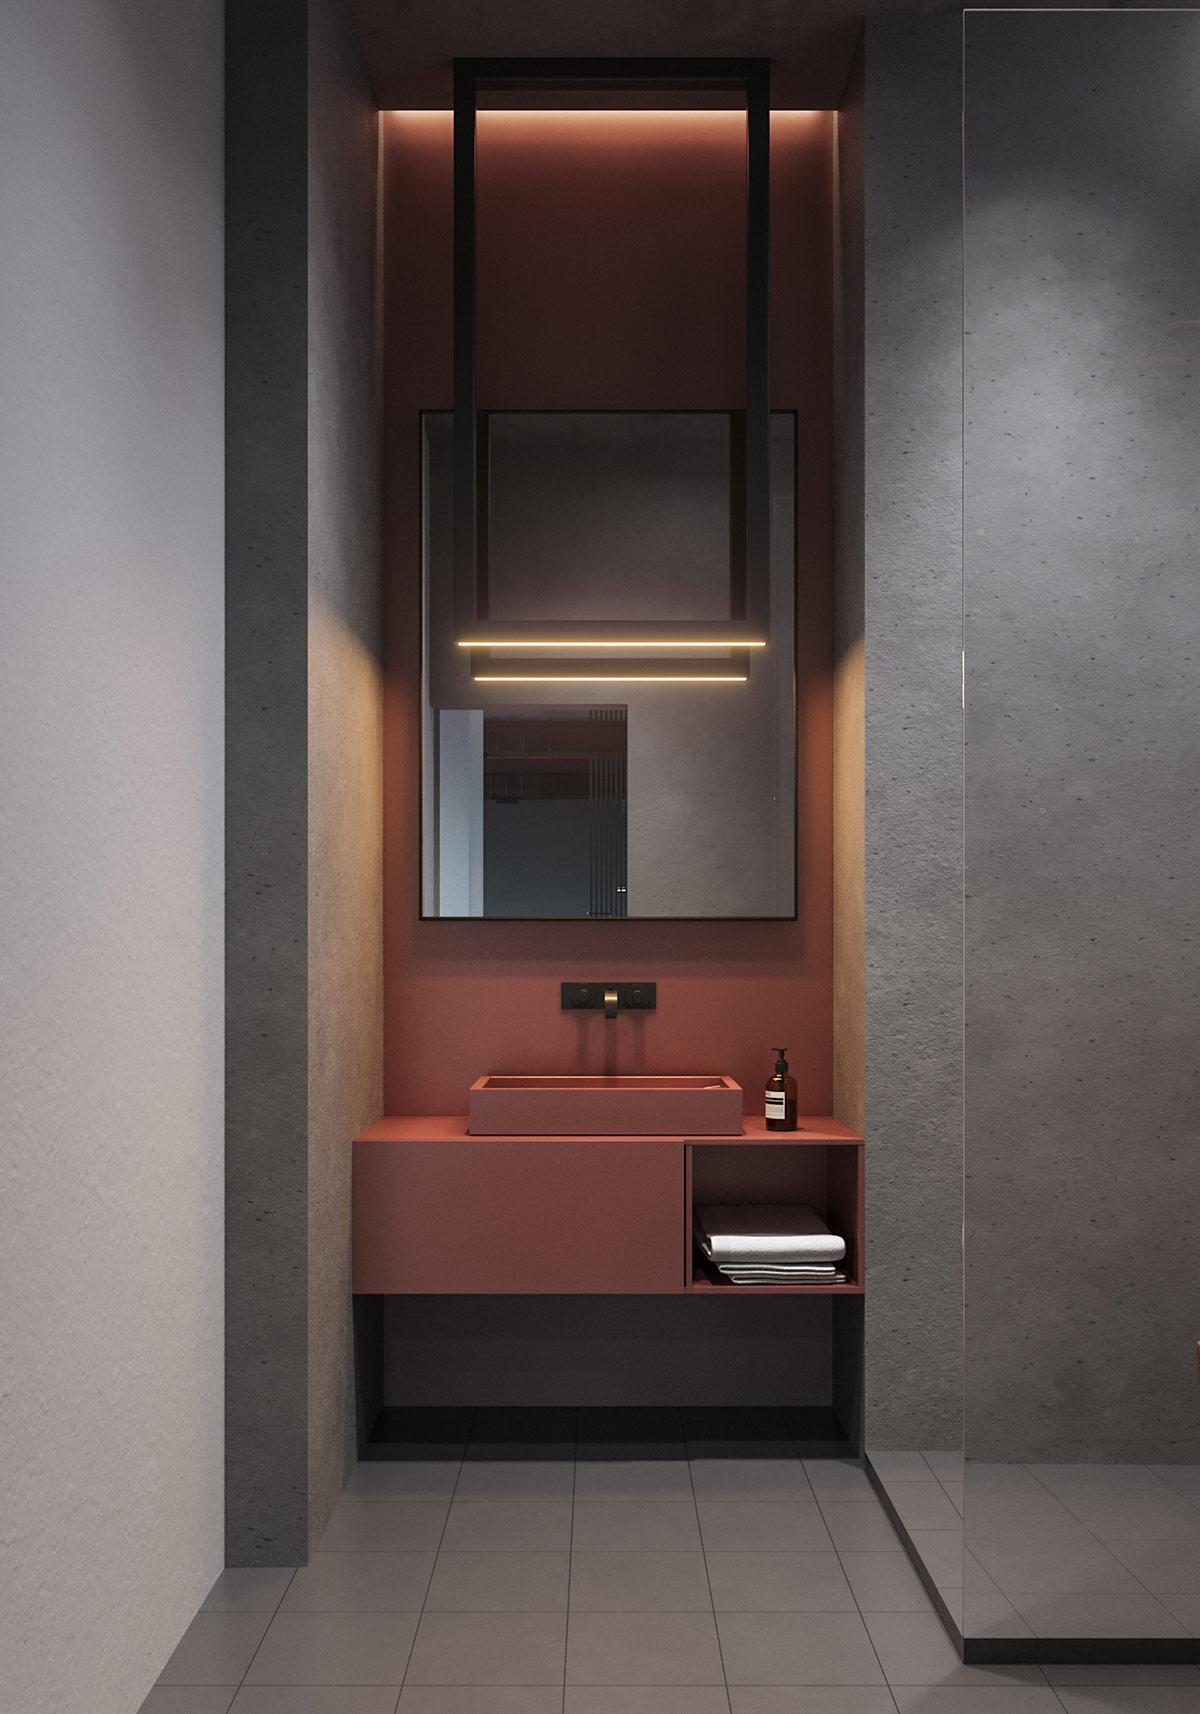 高级灰与绿植装饰 极简主义风格现代家居空间设计